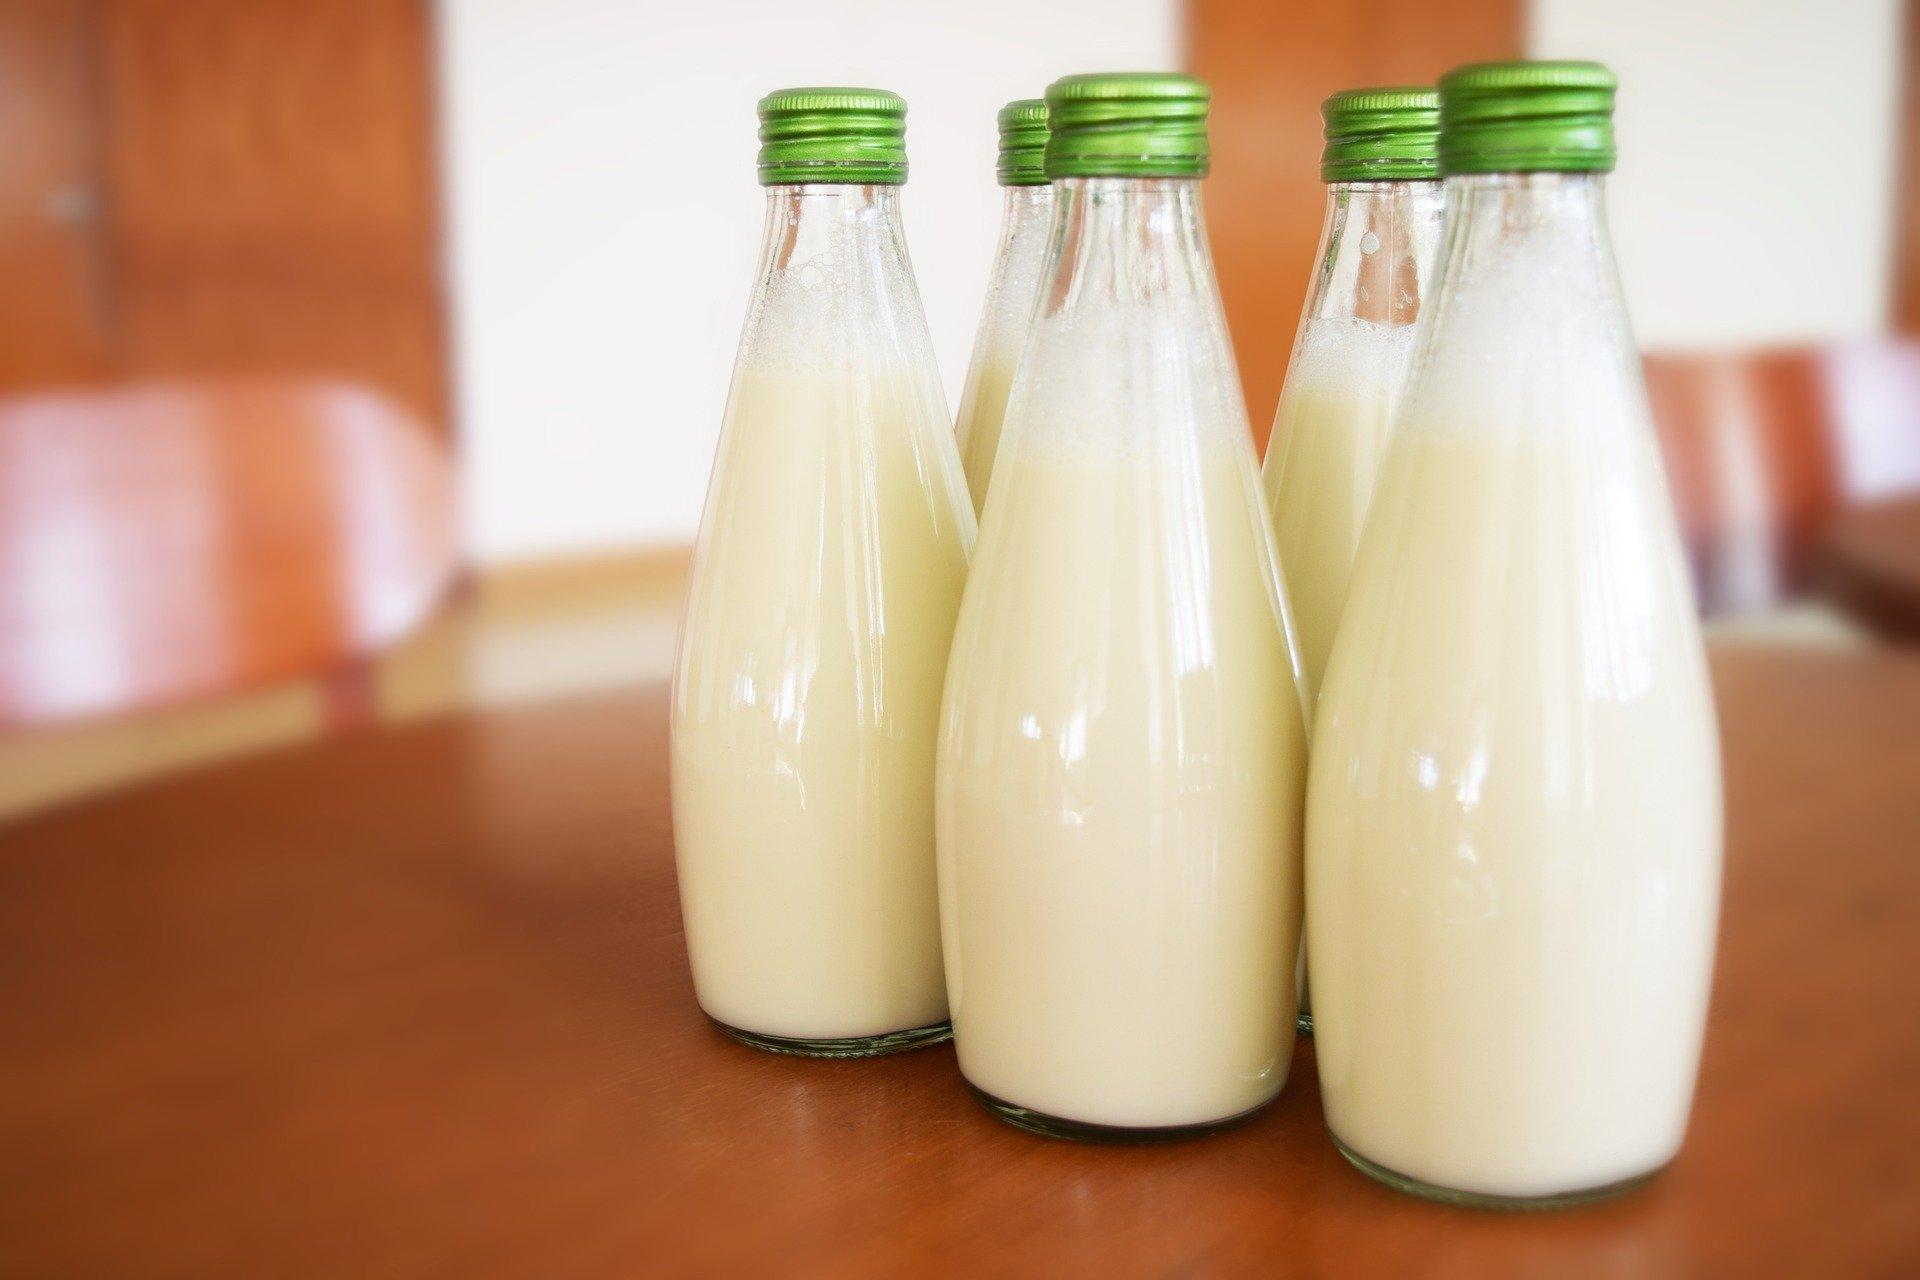 牛乳が入った瓶